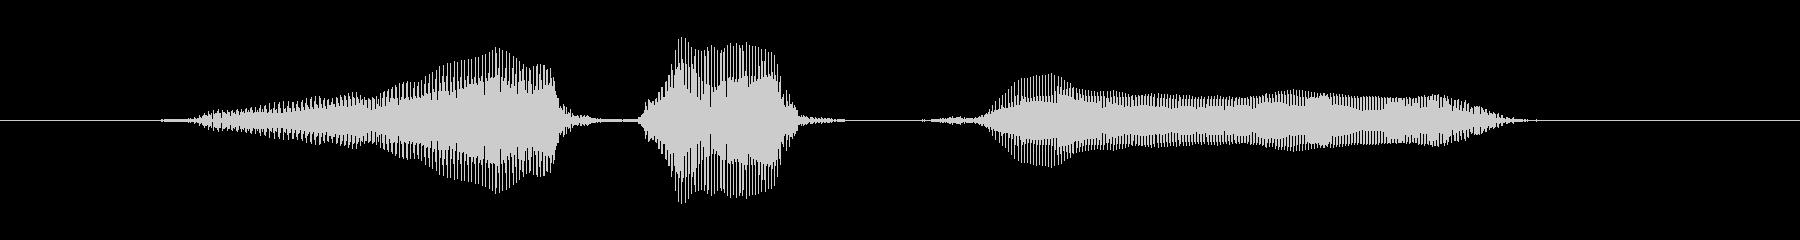 ロード中の未再生の波形